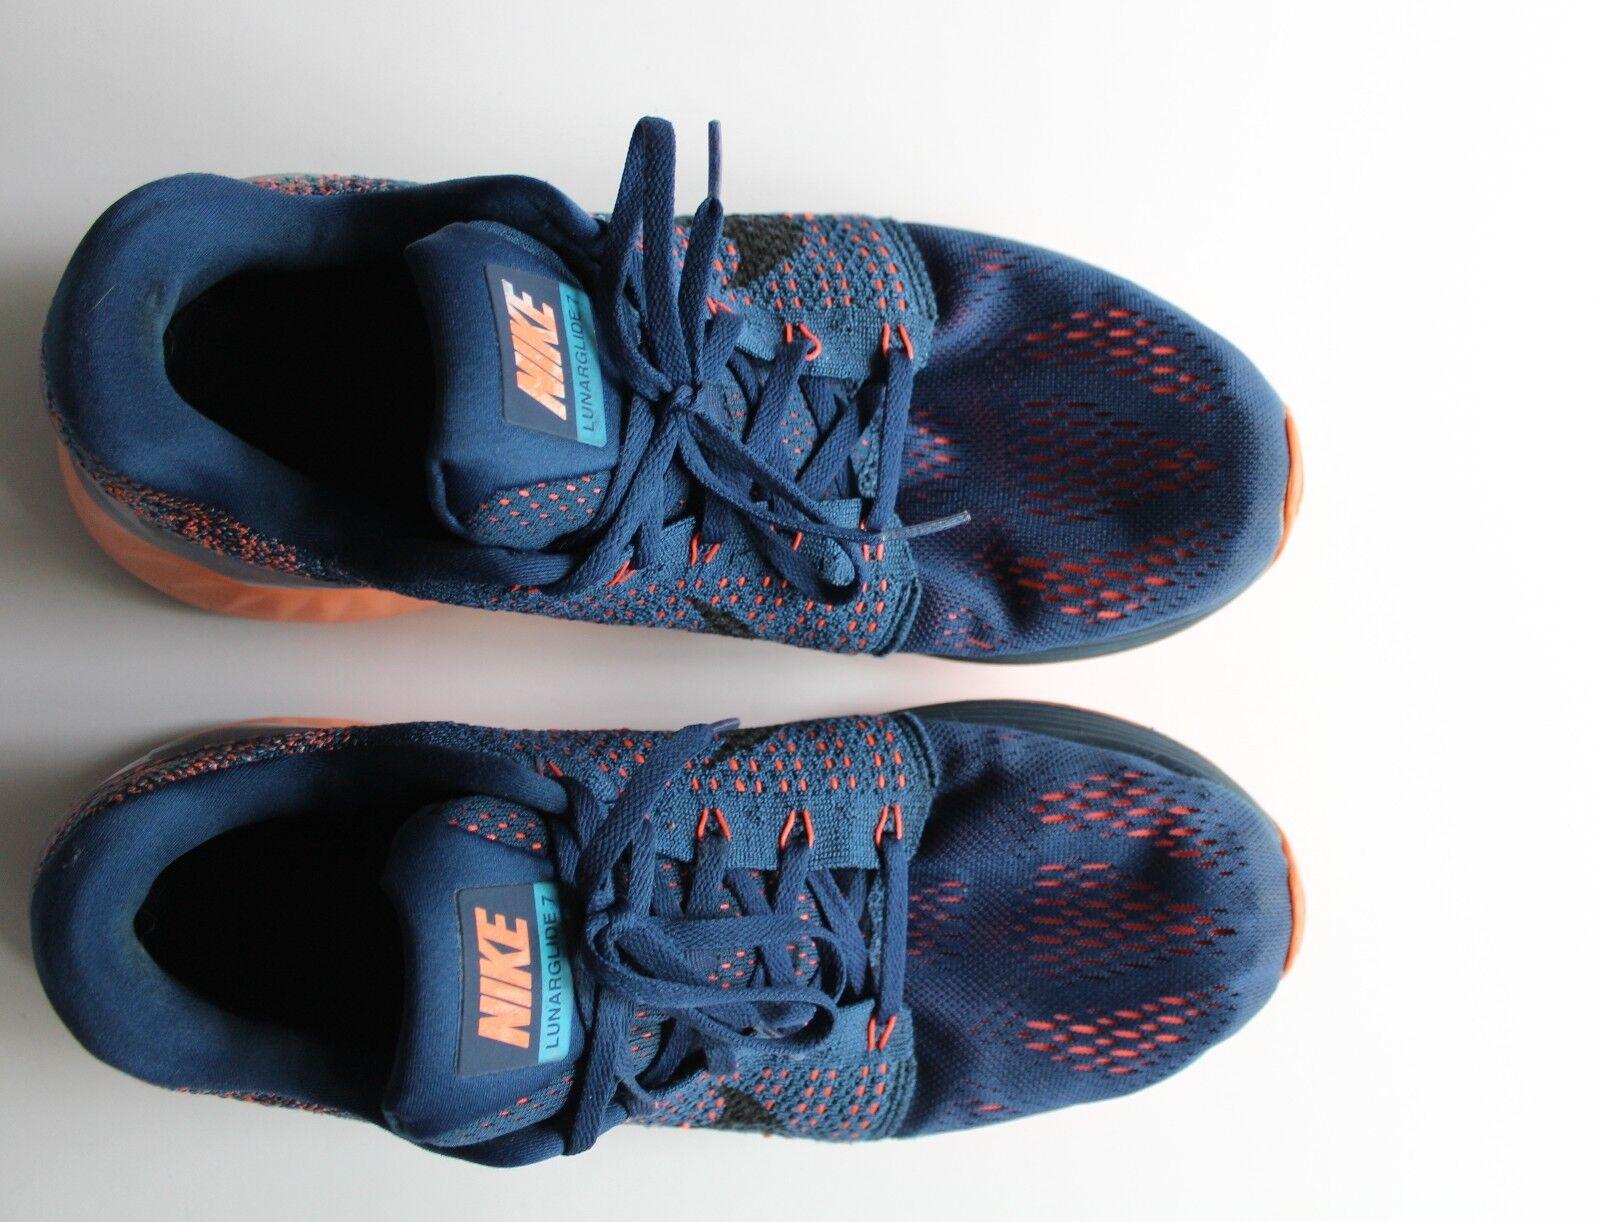 gli uomini sono nike lunarglide 7 laguna blu / / / arancio, scarpe da corsa 747355-400 dimensioni 11,5 | Negozio online di vendita  | Gentiluomo/Signora Scarpa  8595d9